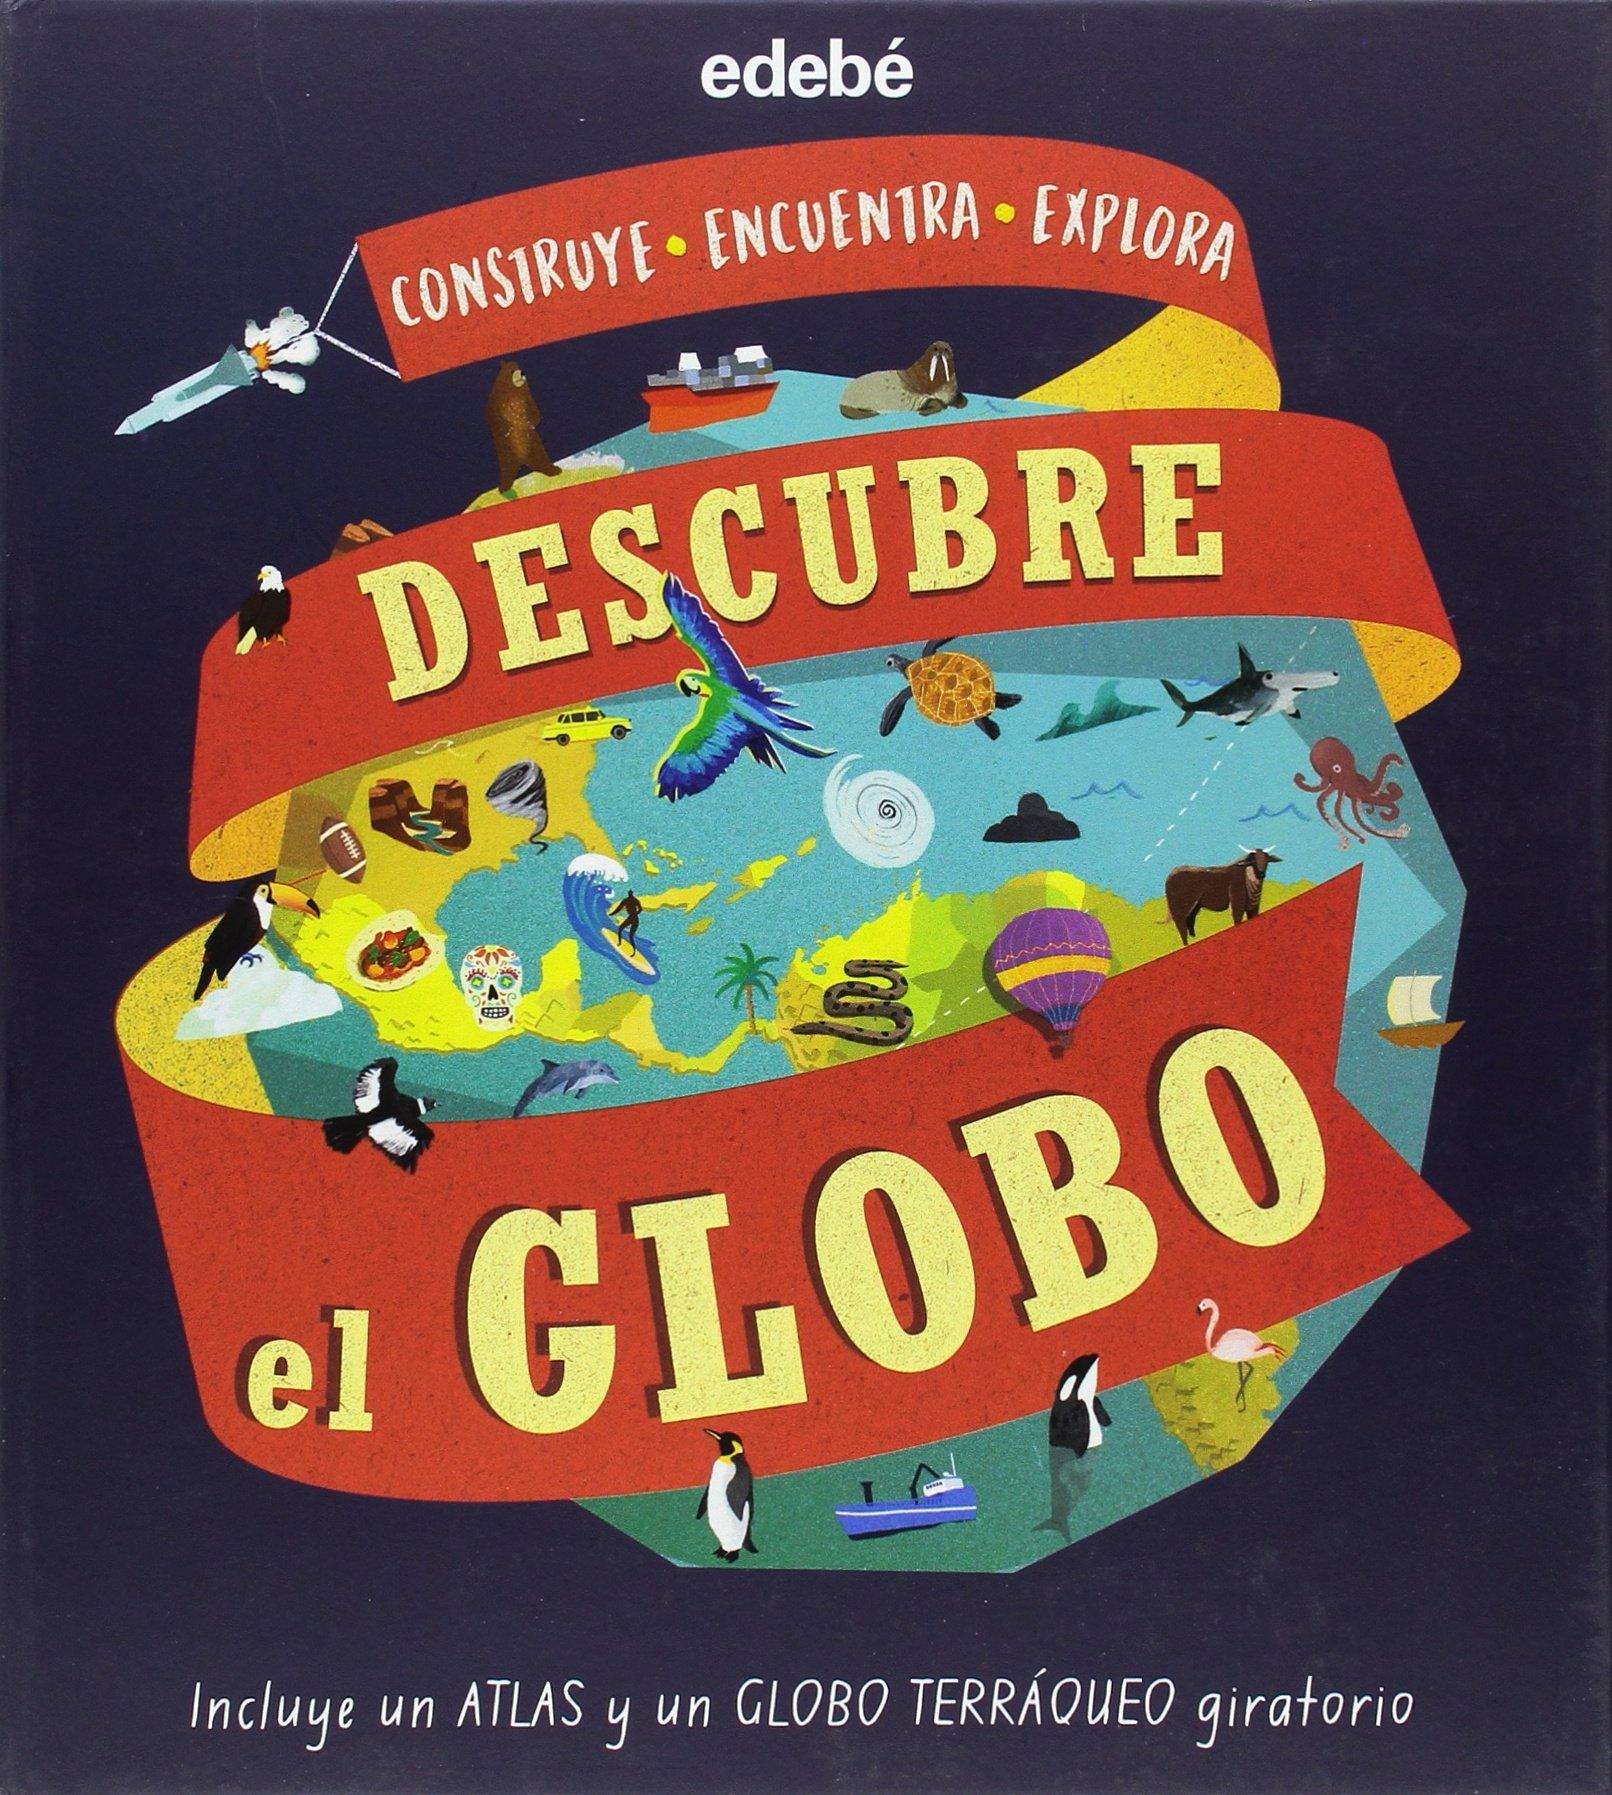 Descubre el globo: Amazon.es: Equipo edebé: Libros